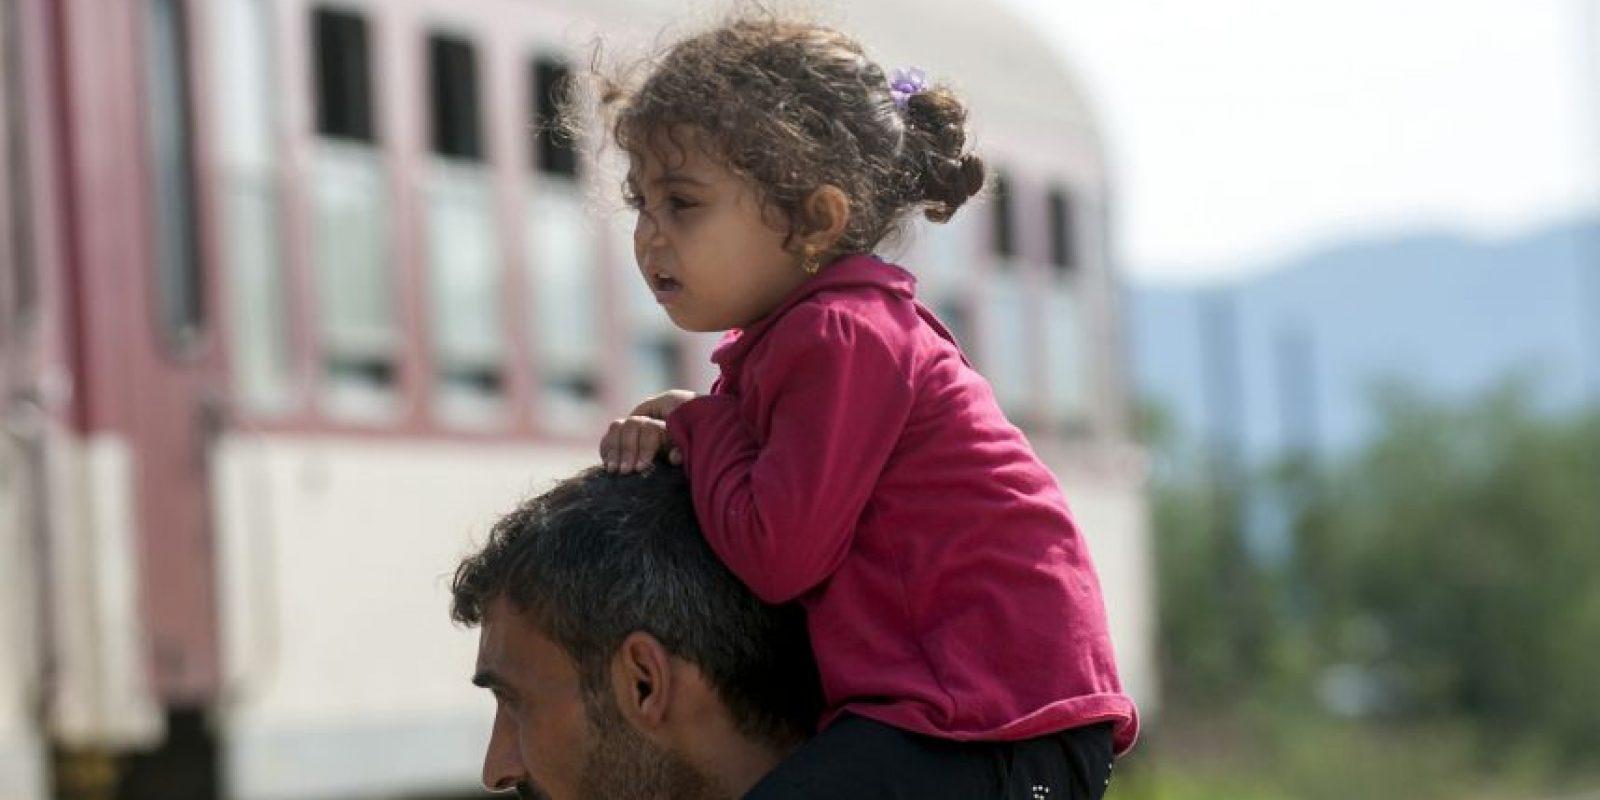 La falta de espacio en los albergues de las rutas que usan los migrantes también ha influido. Foto:AFP